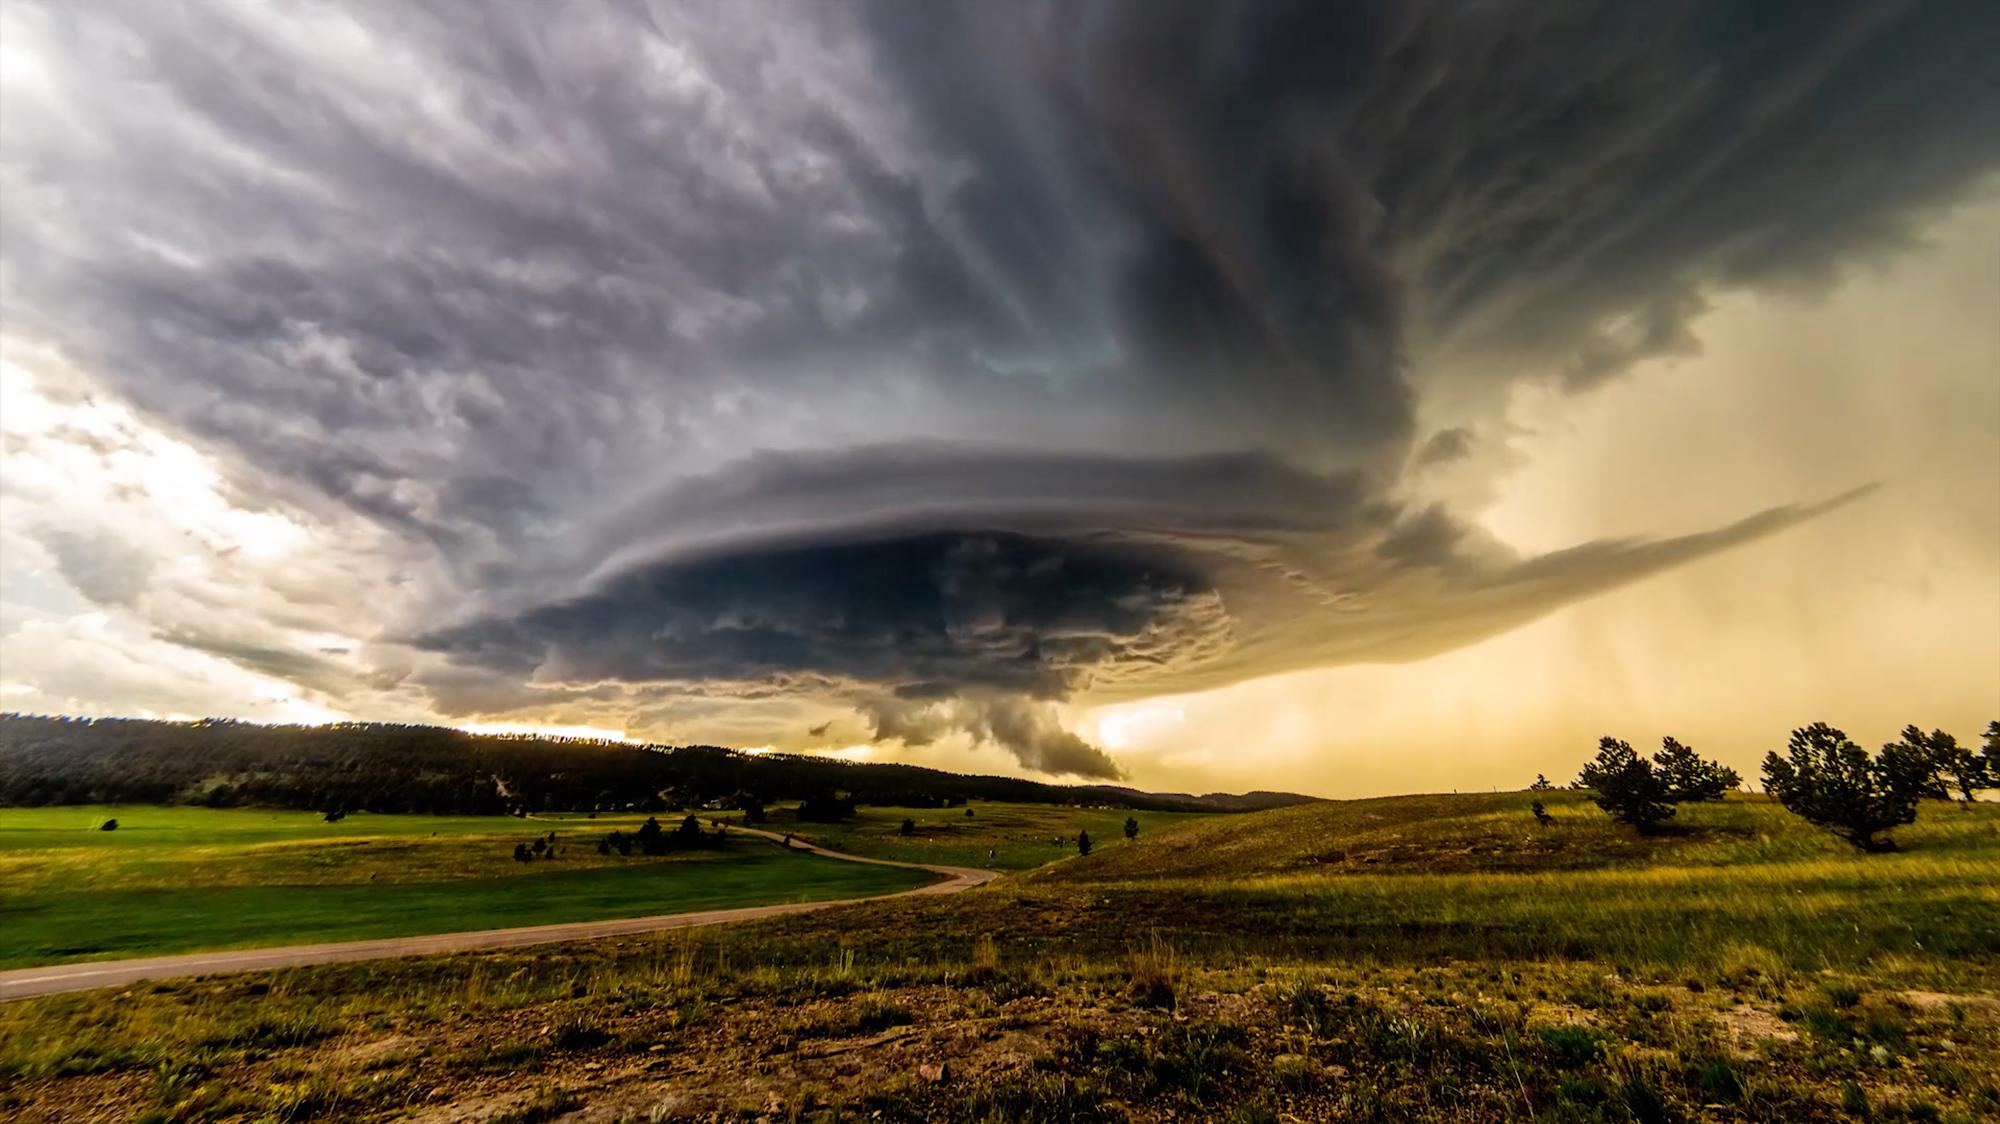 Ekstremalne-zjawiska-pogodowe-timelapse-hero